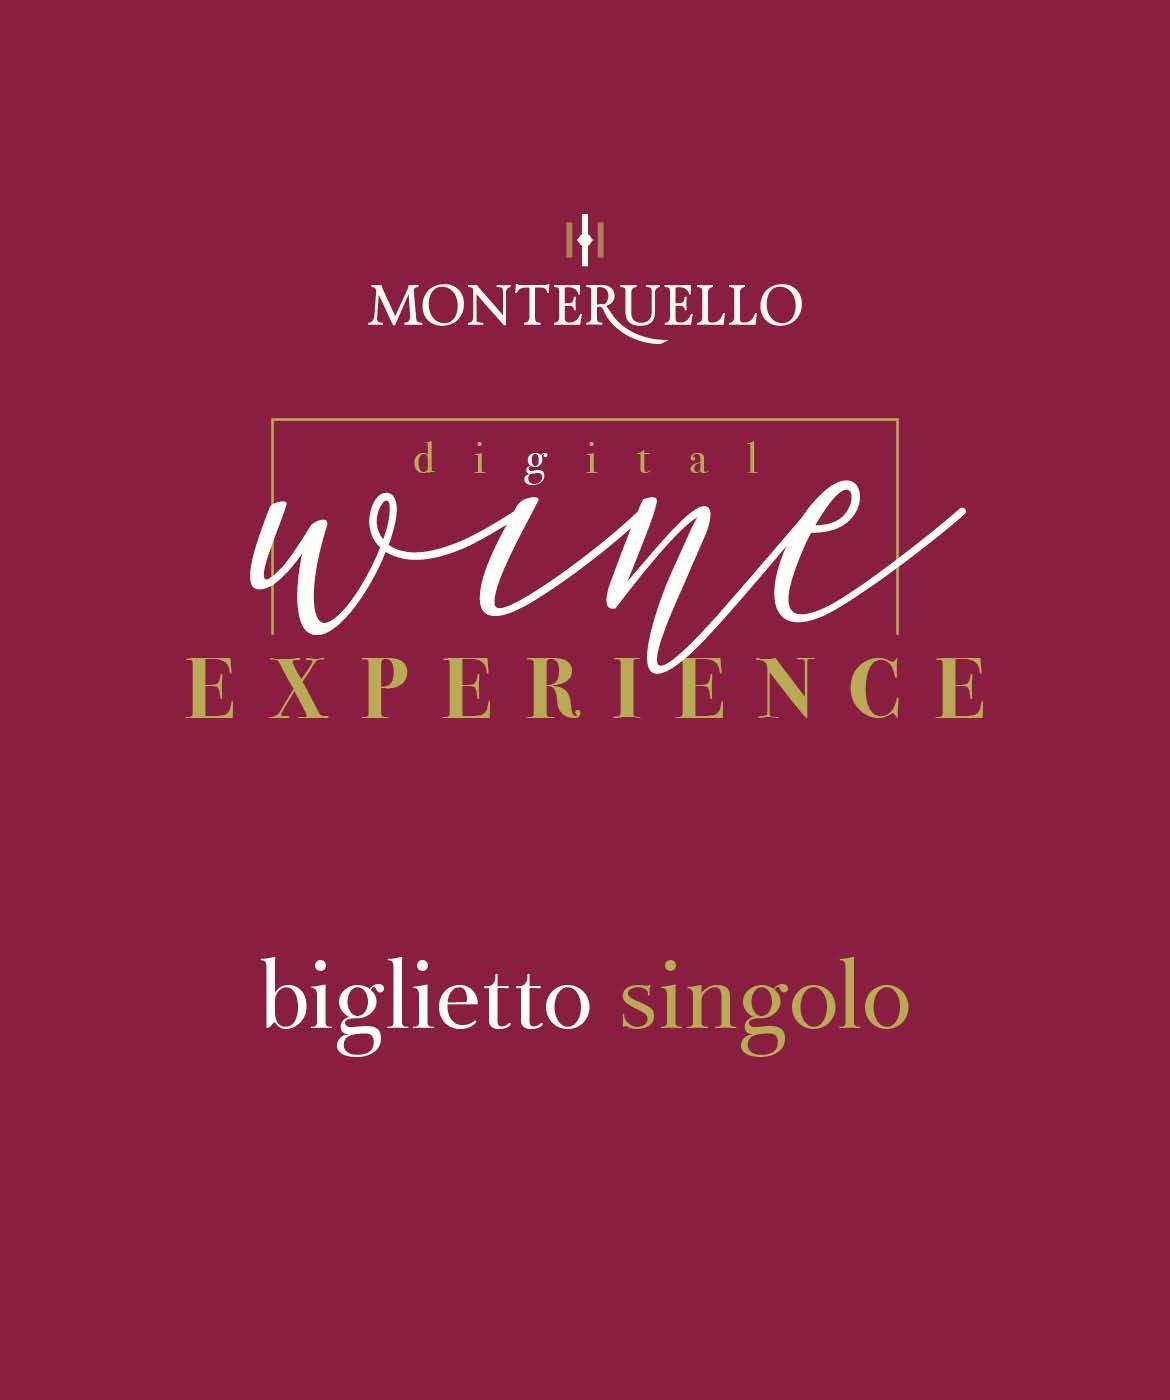 Monteruello | Wine Experience | Biglietto Singolo | www.monteruello.it